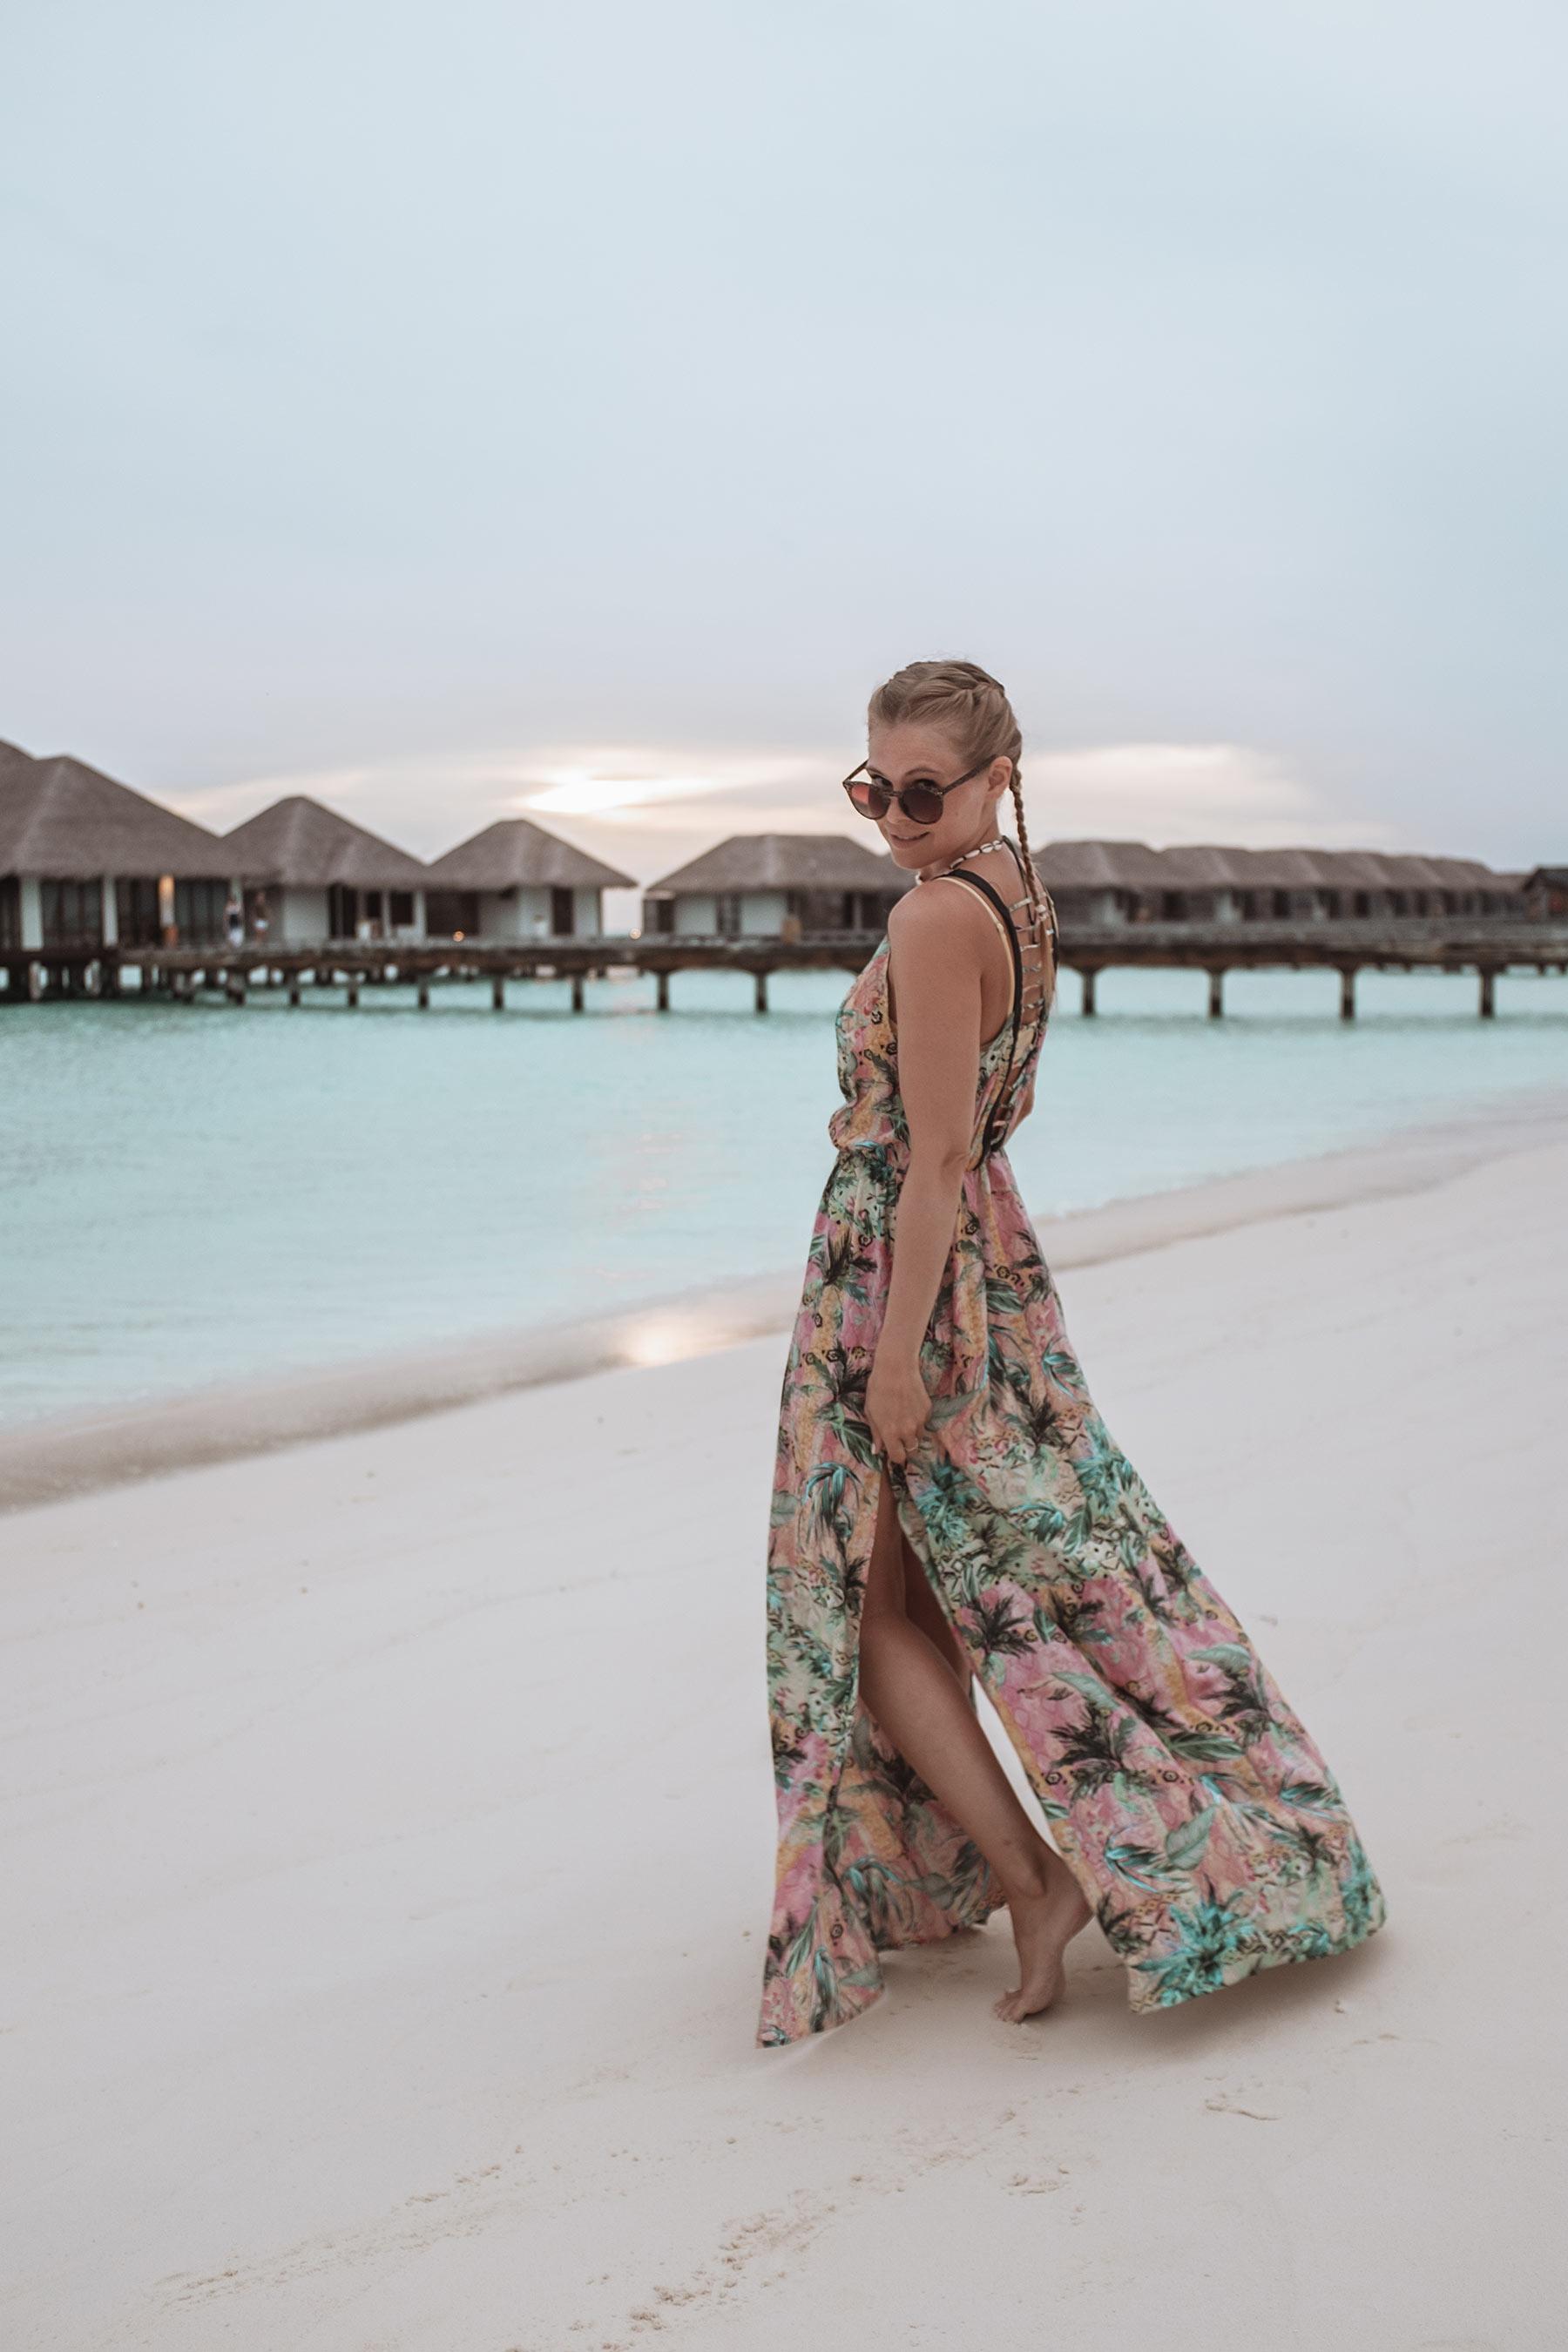 velassaru maldives strand travel blog sunnyinga